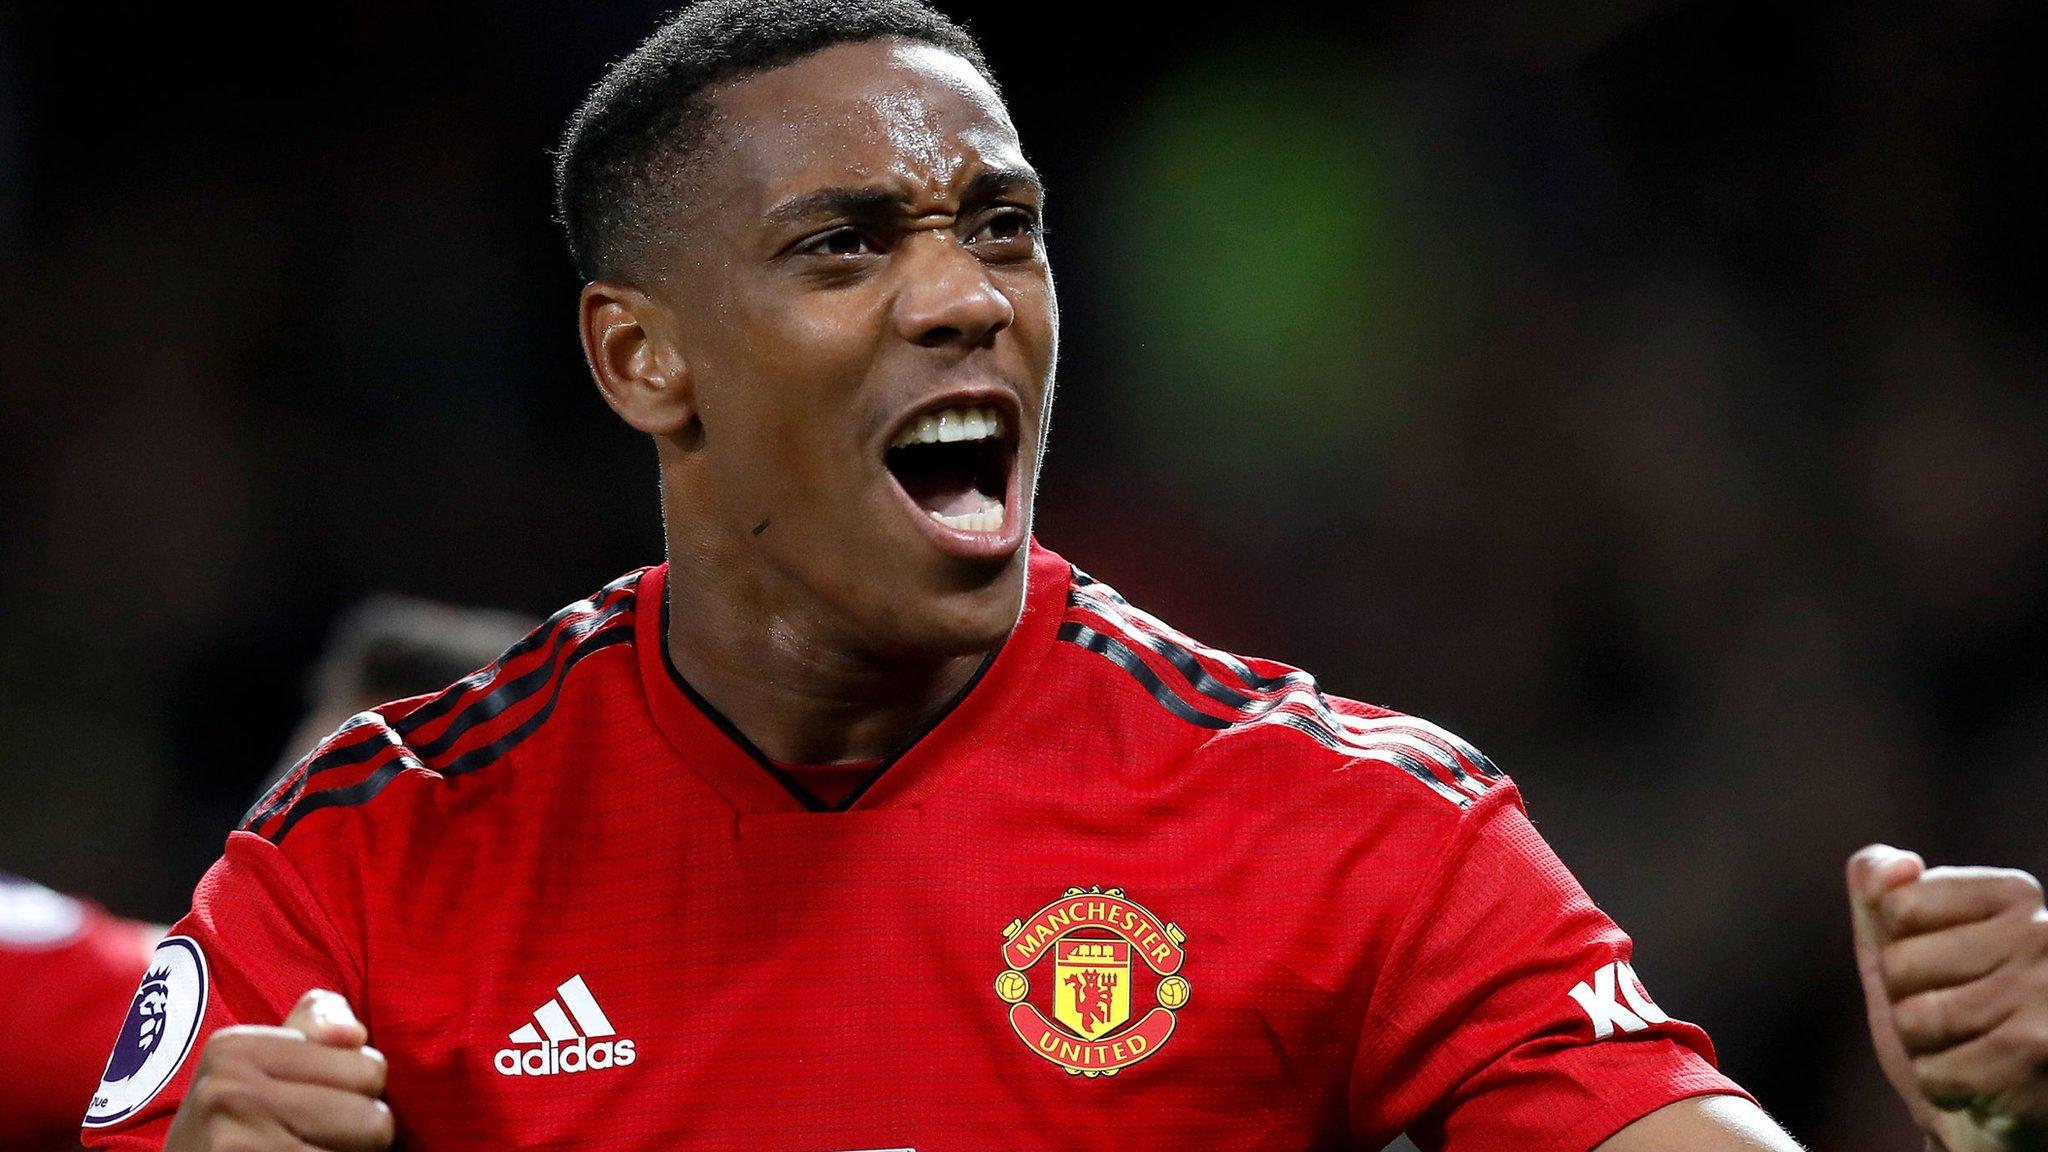 Martial still eyeing Man Utd exit - gossip